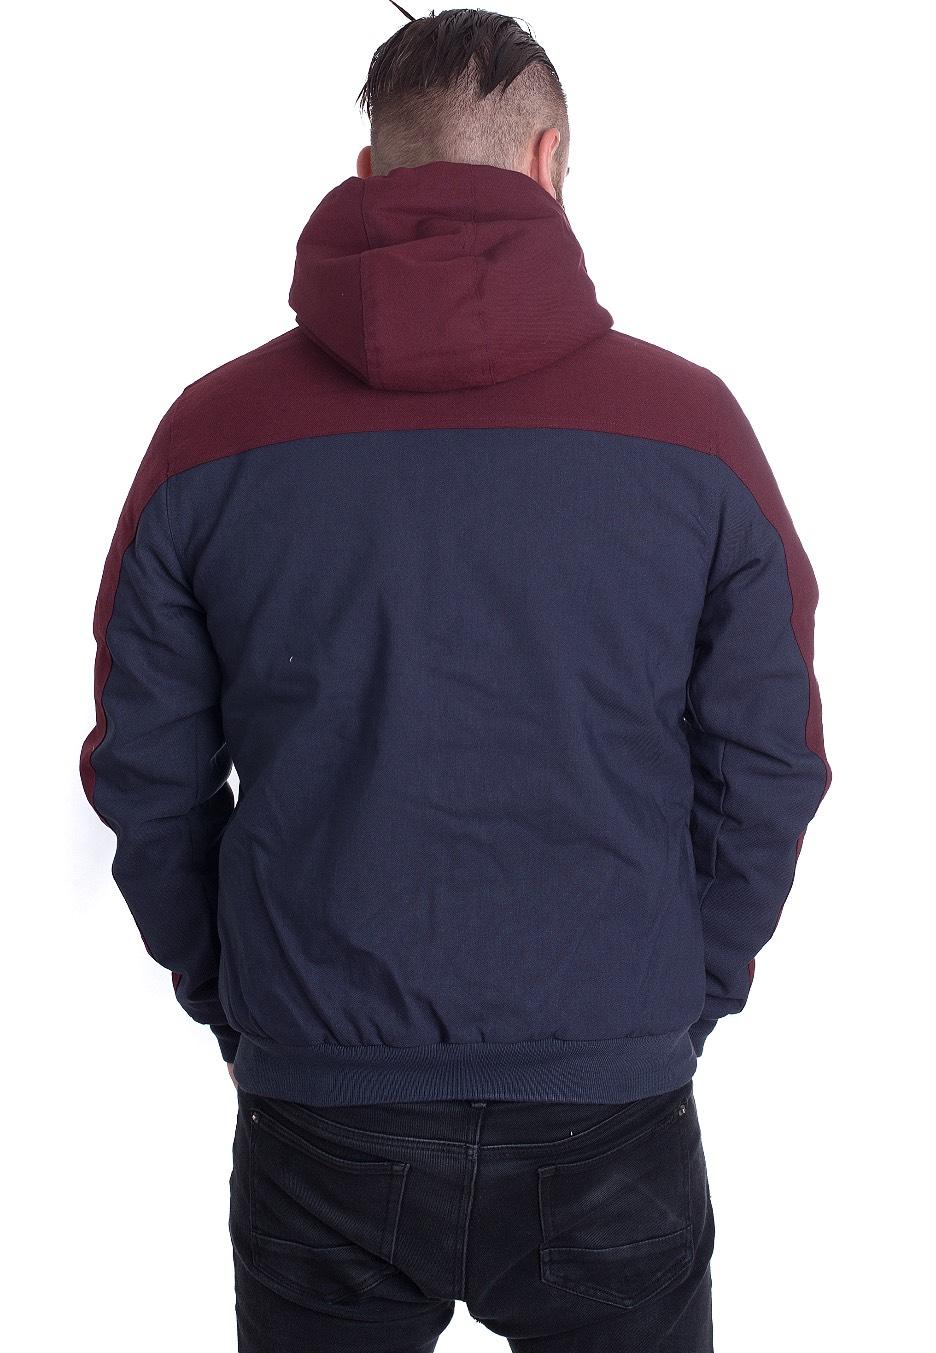 Dock36 streetwear Veste NavyRed Worker Boutique Iriedaily dXvwtqaxd